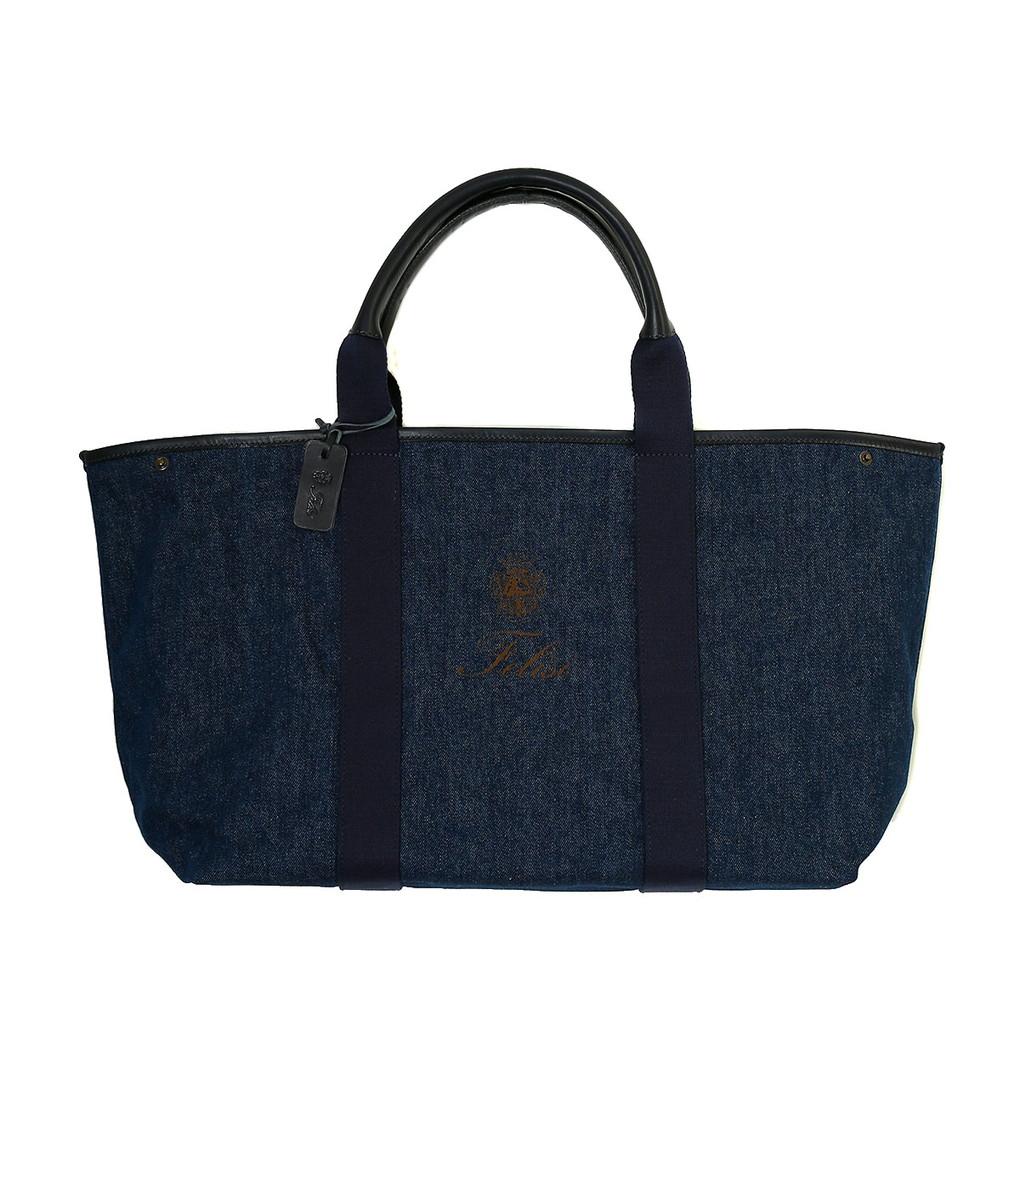 Felisi / フェリージ : TOTE BAG -DARK BLUE- : トートバッグ ハンドバッグ バック バッグ デニム :17-72-DWA-003-bjb 【BJB】